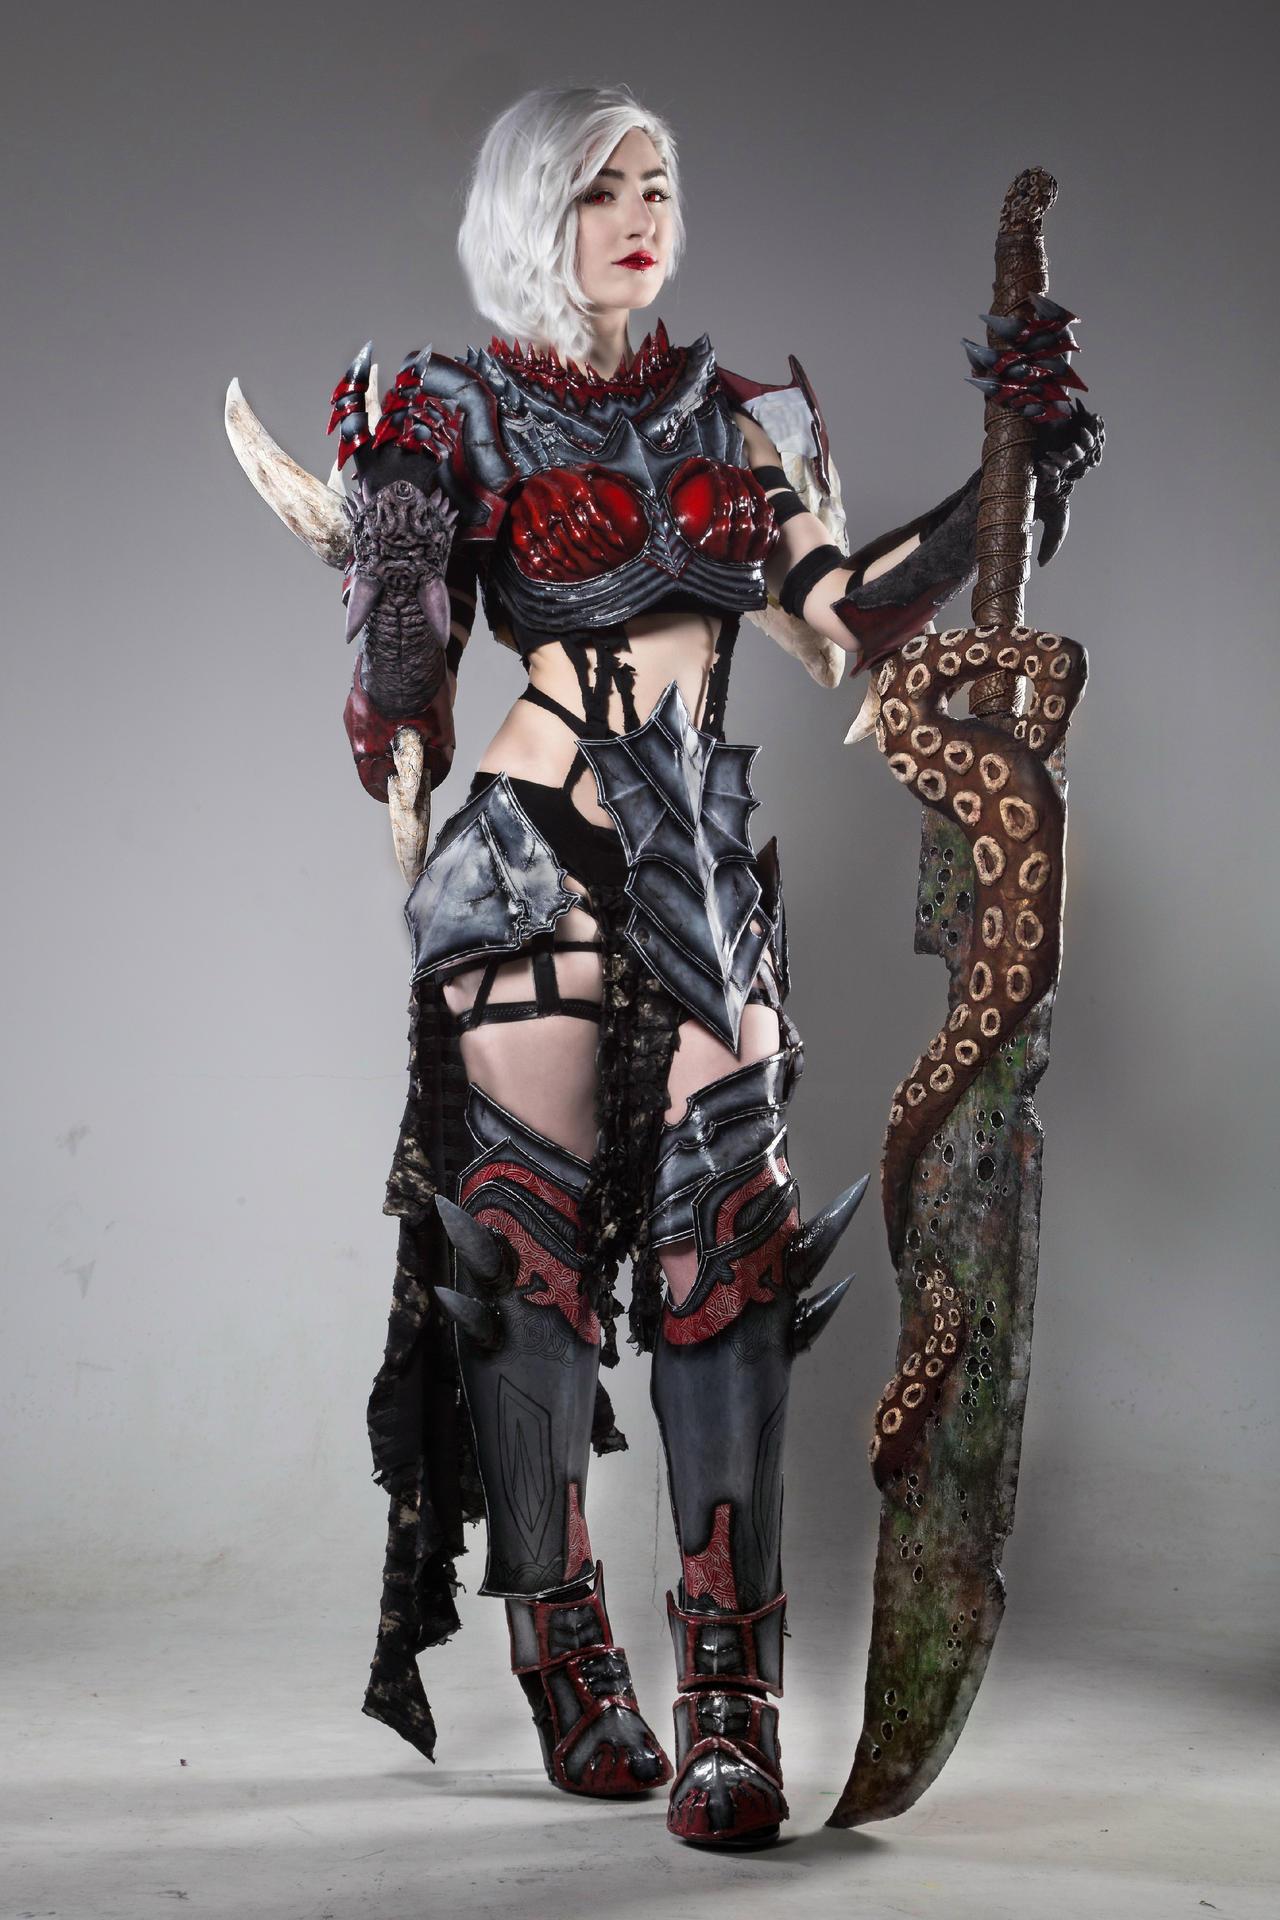 Warrior (Guild Wars 2) by luxxlo on DeviantArt